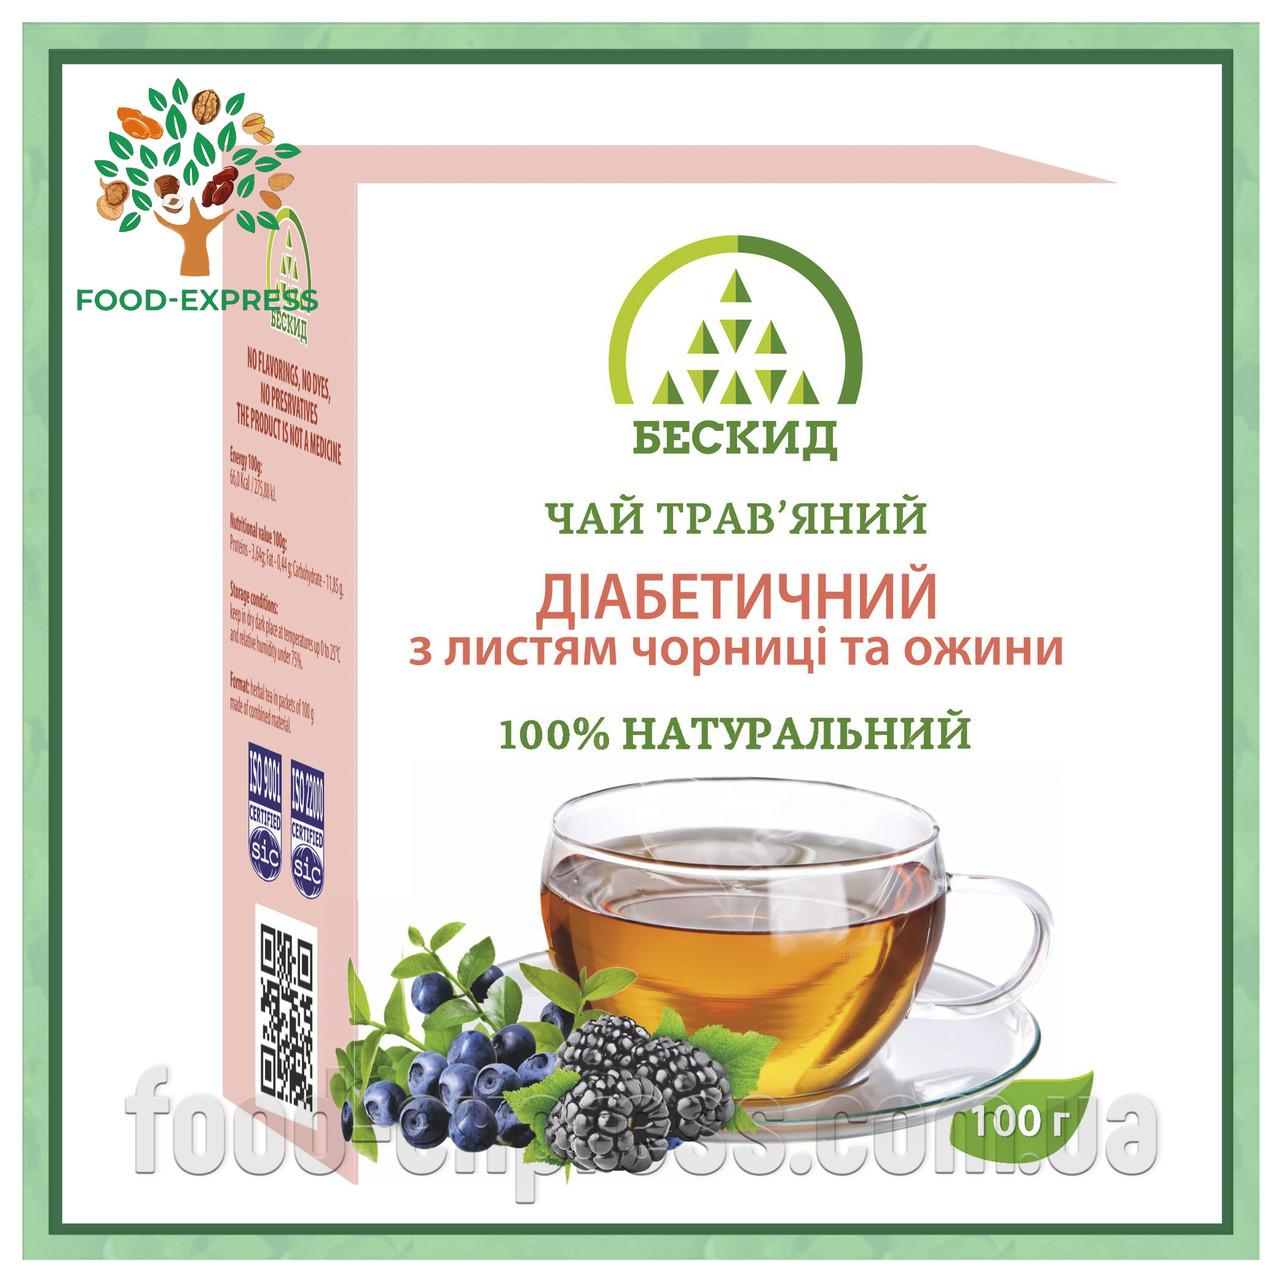 Чай трав'яний «Діабетичний» з листям чорниці та ожини 100г